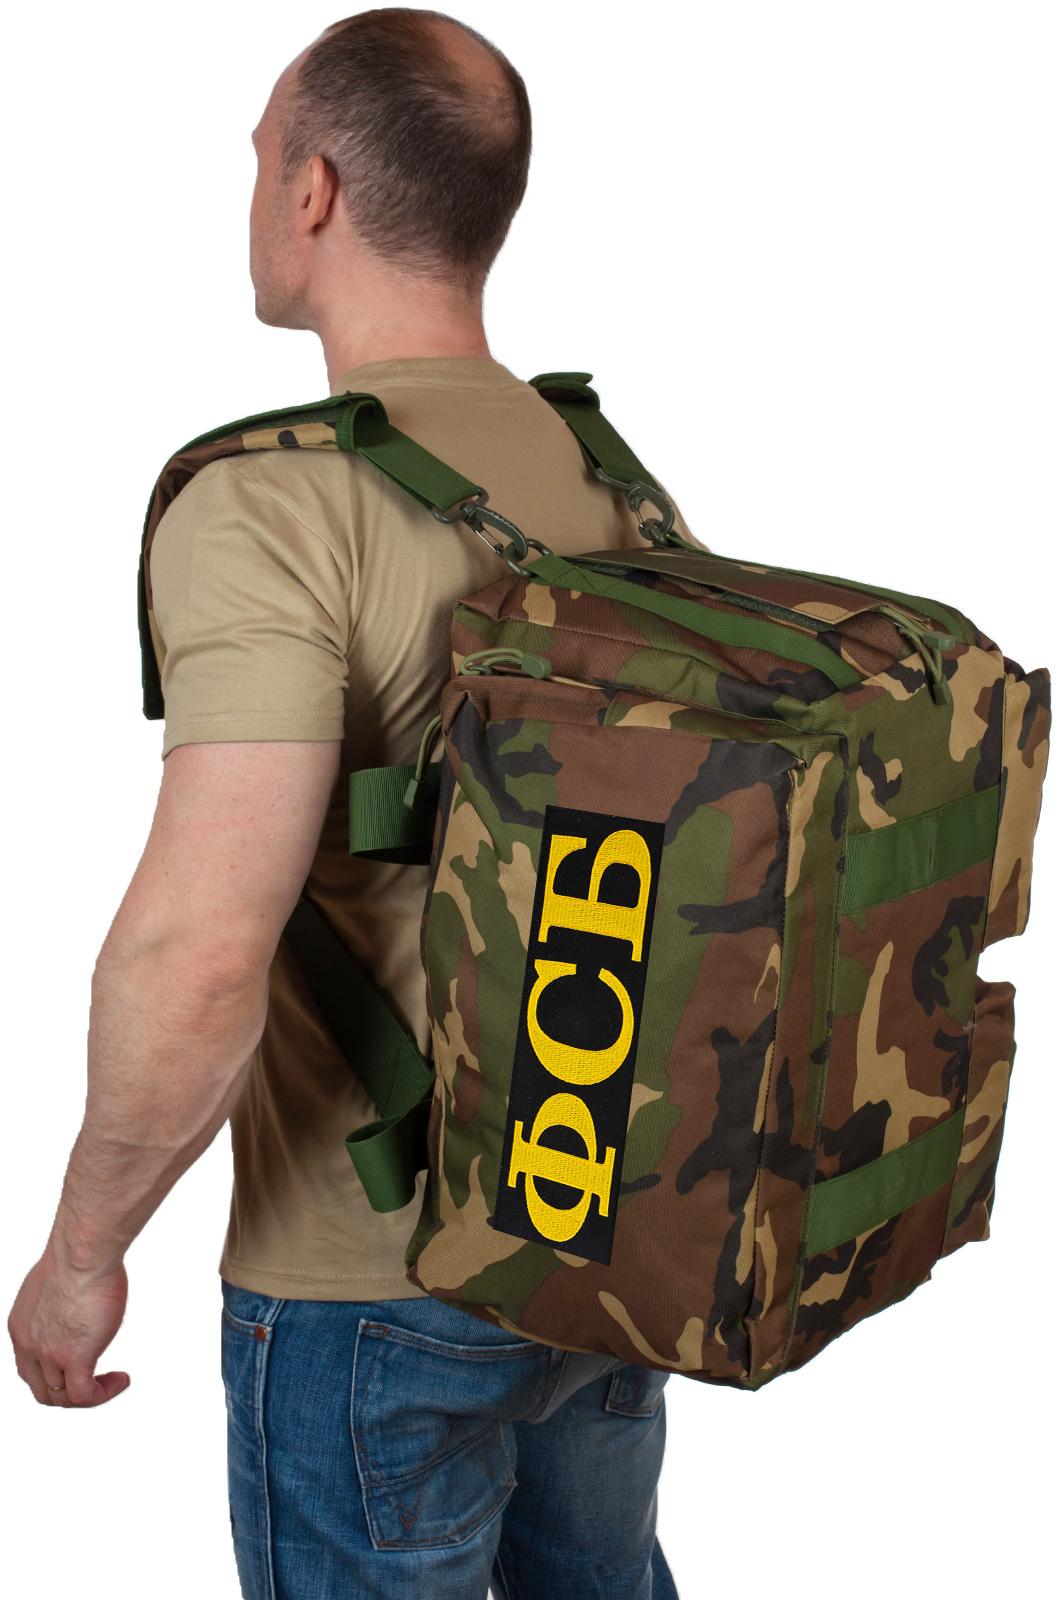 Купить камуфляжную дорожную сумку с нашивкой ФСБ по лучшей цене с доставкой